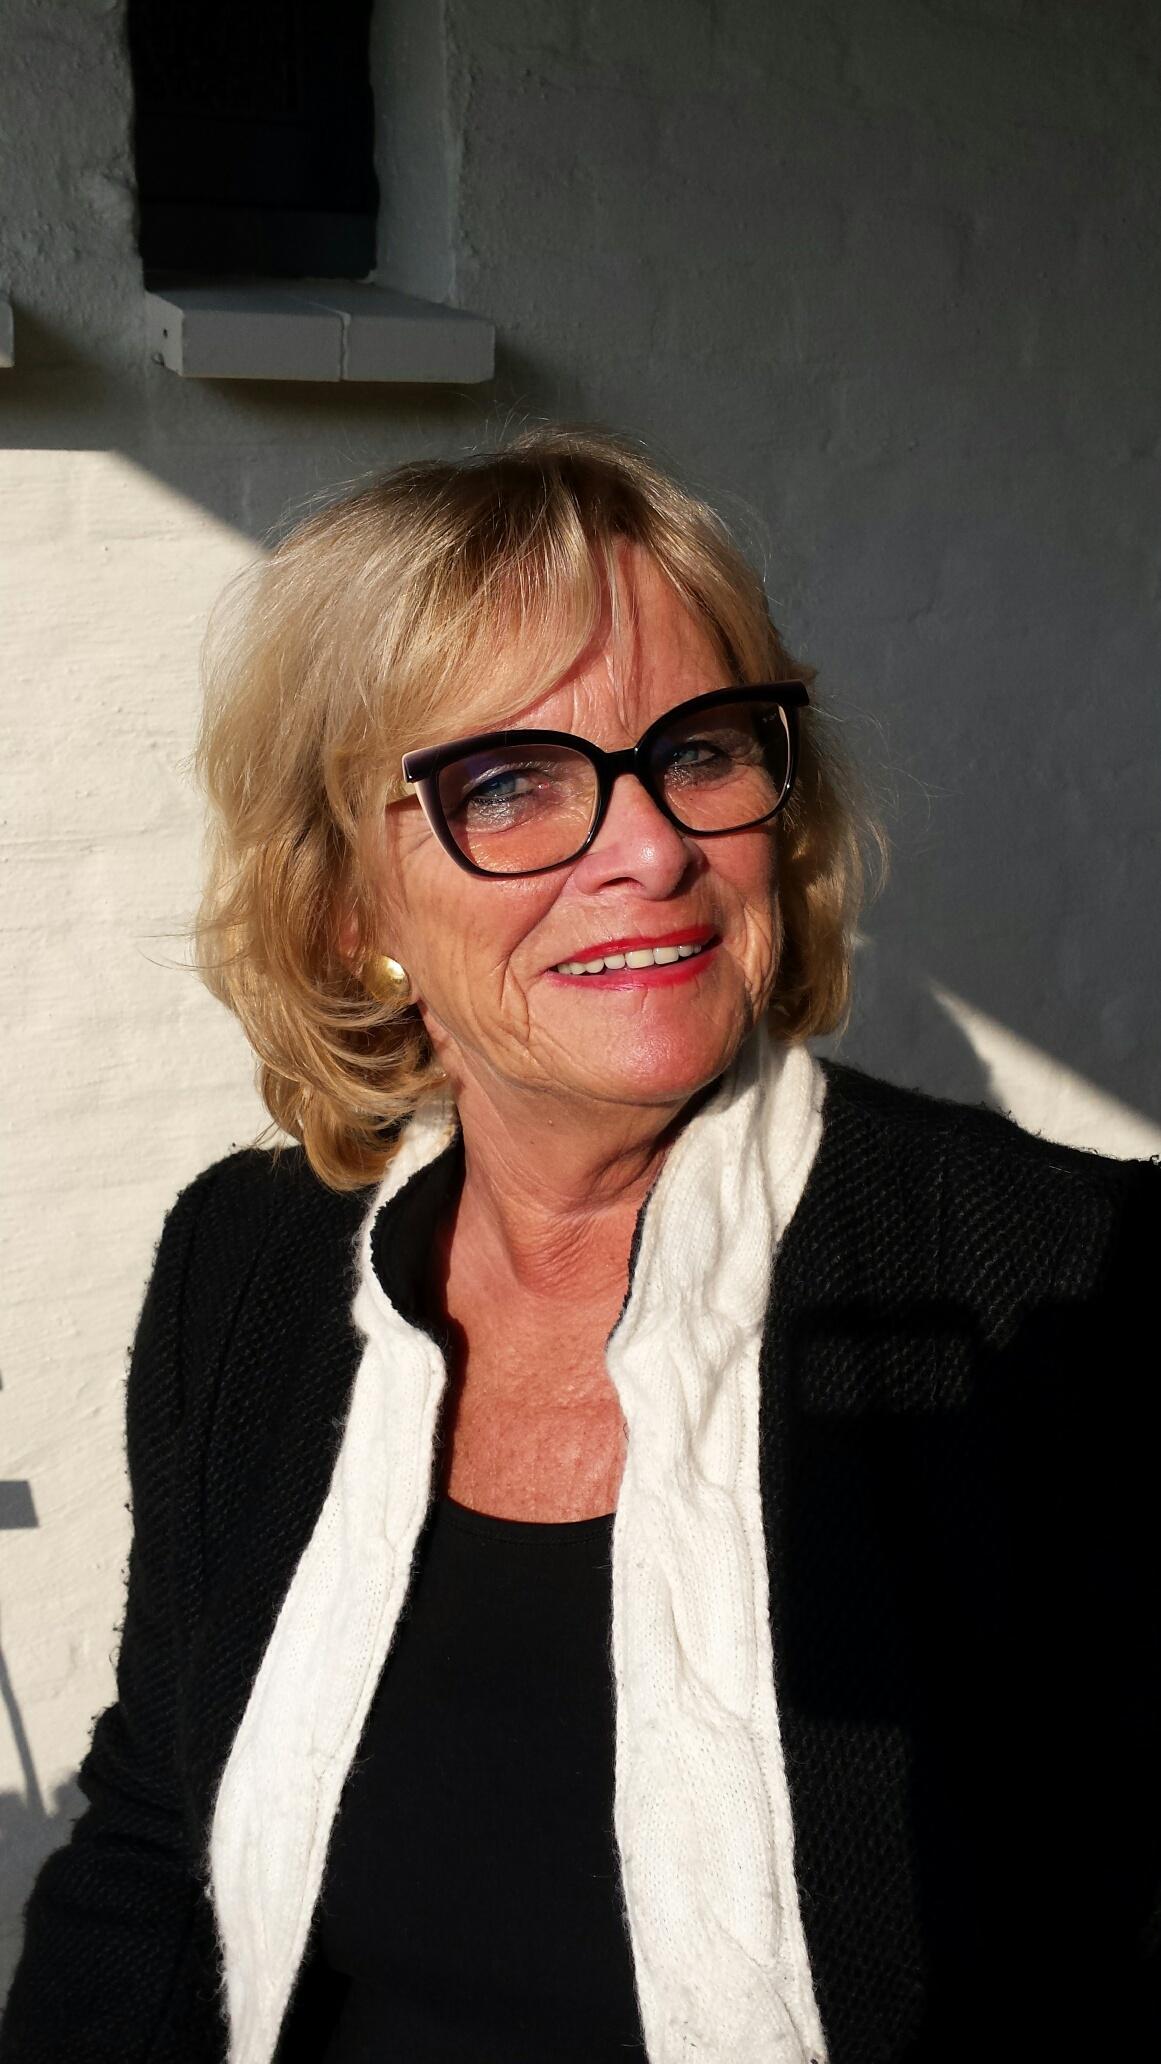 Yvonne Pouwer